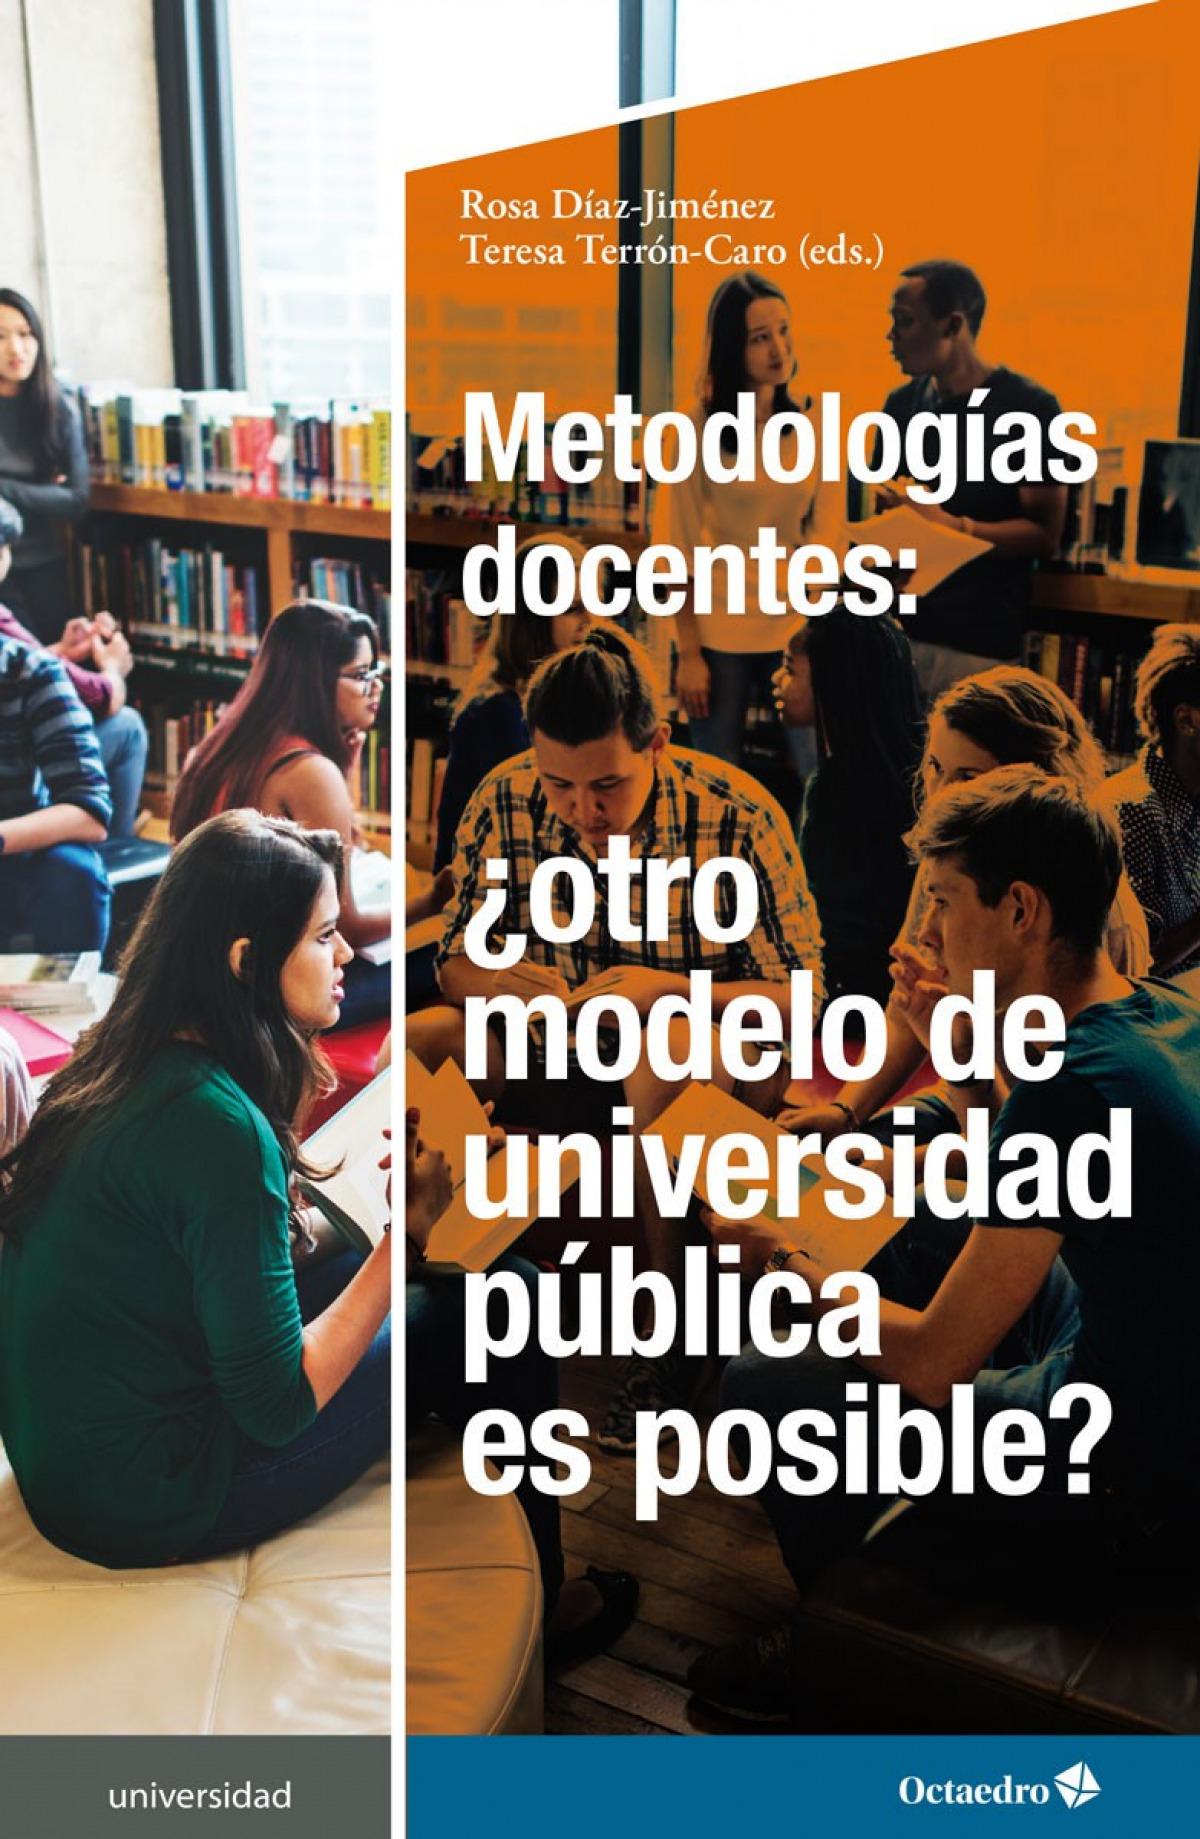 Metodologías docentes: ¿otro modelo de universidad pública es posible?